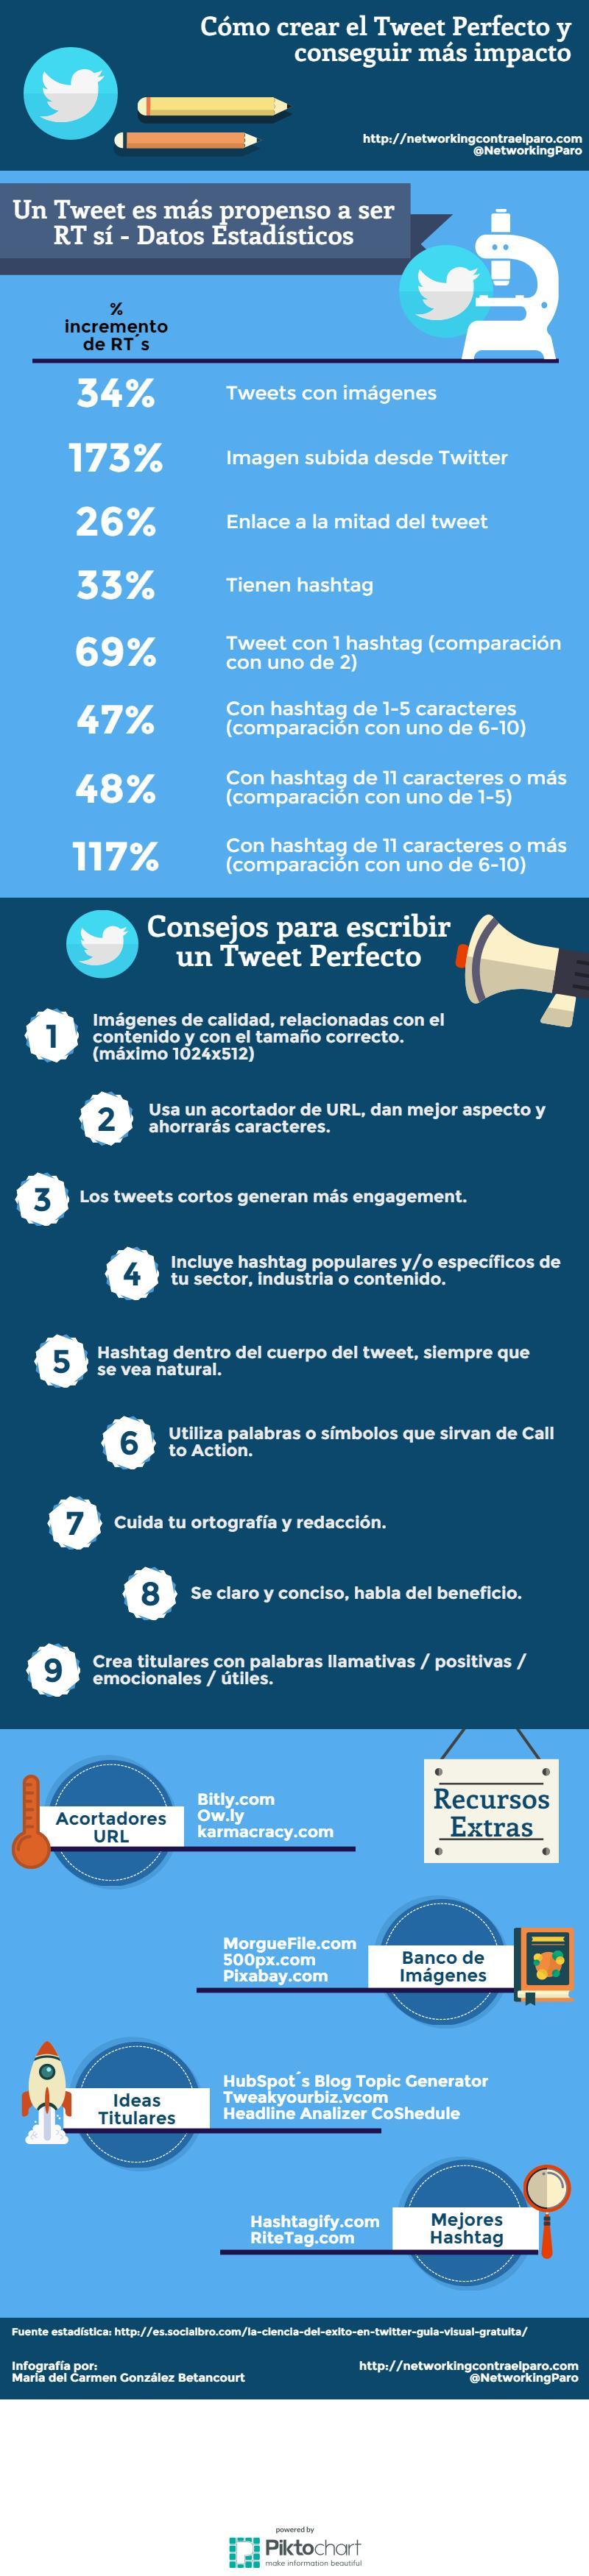 Cómo crear el Tweet Perfecto y conseguir más impacto